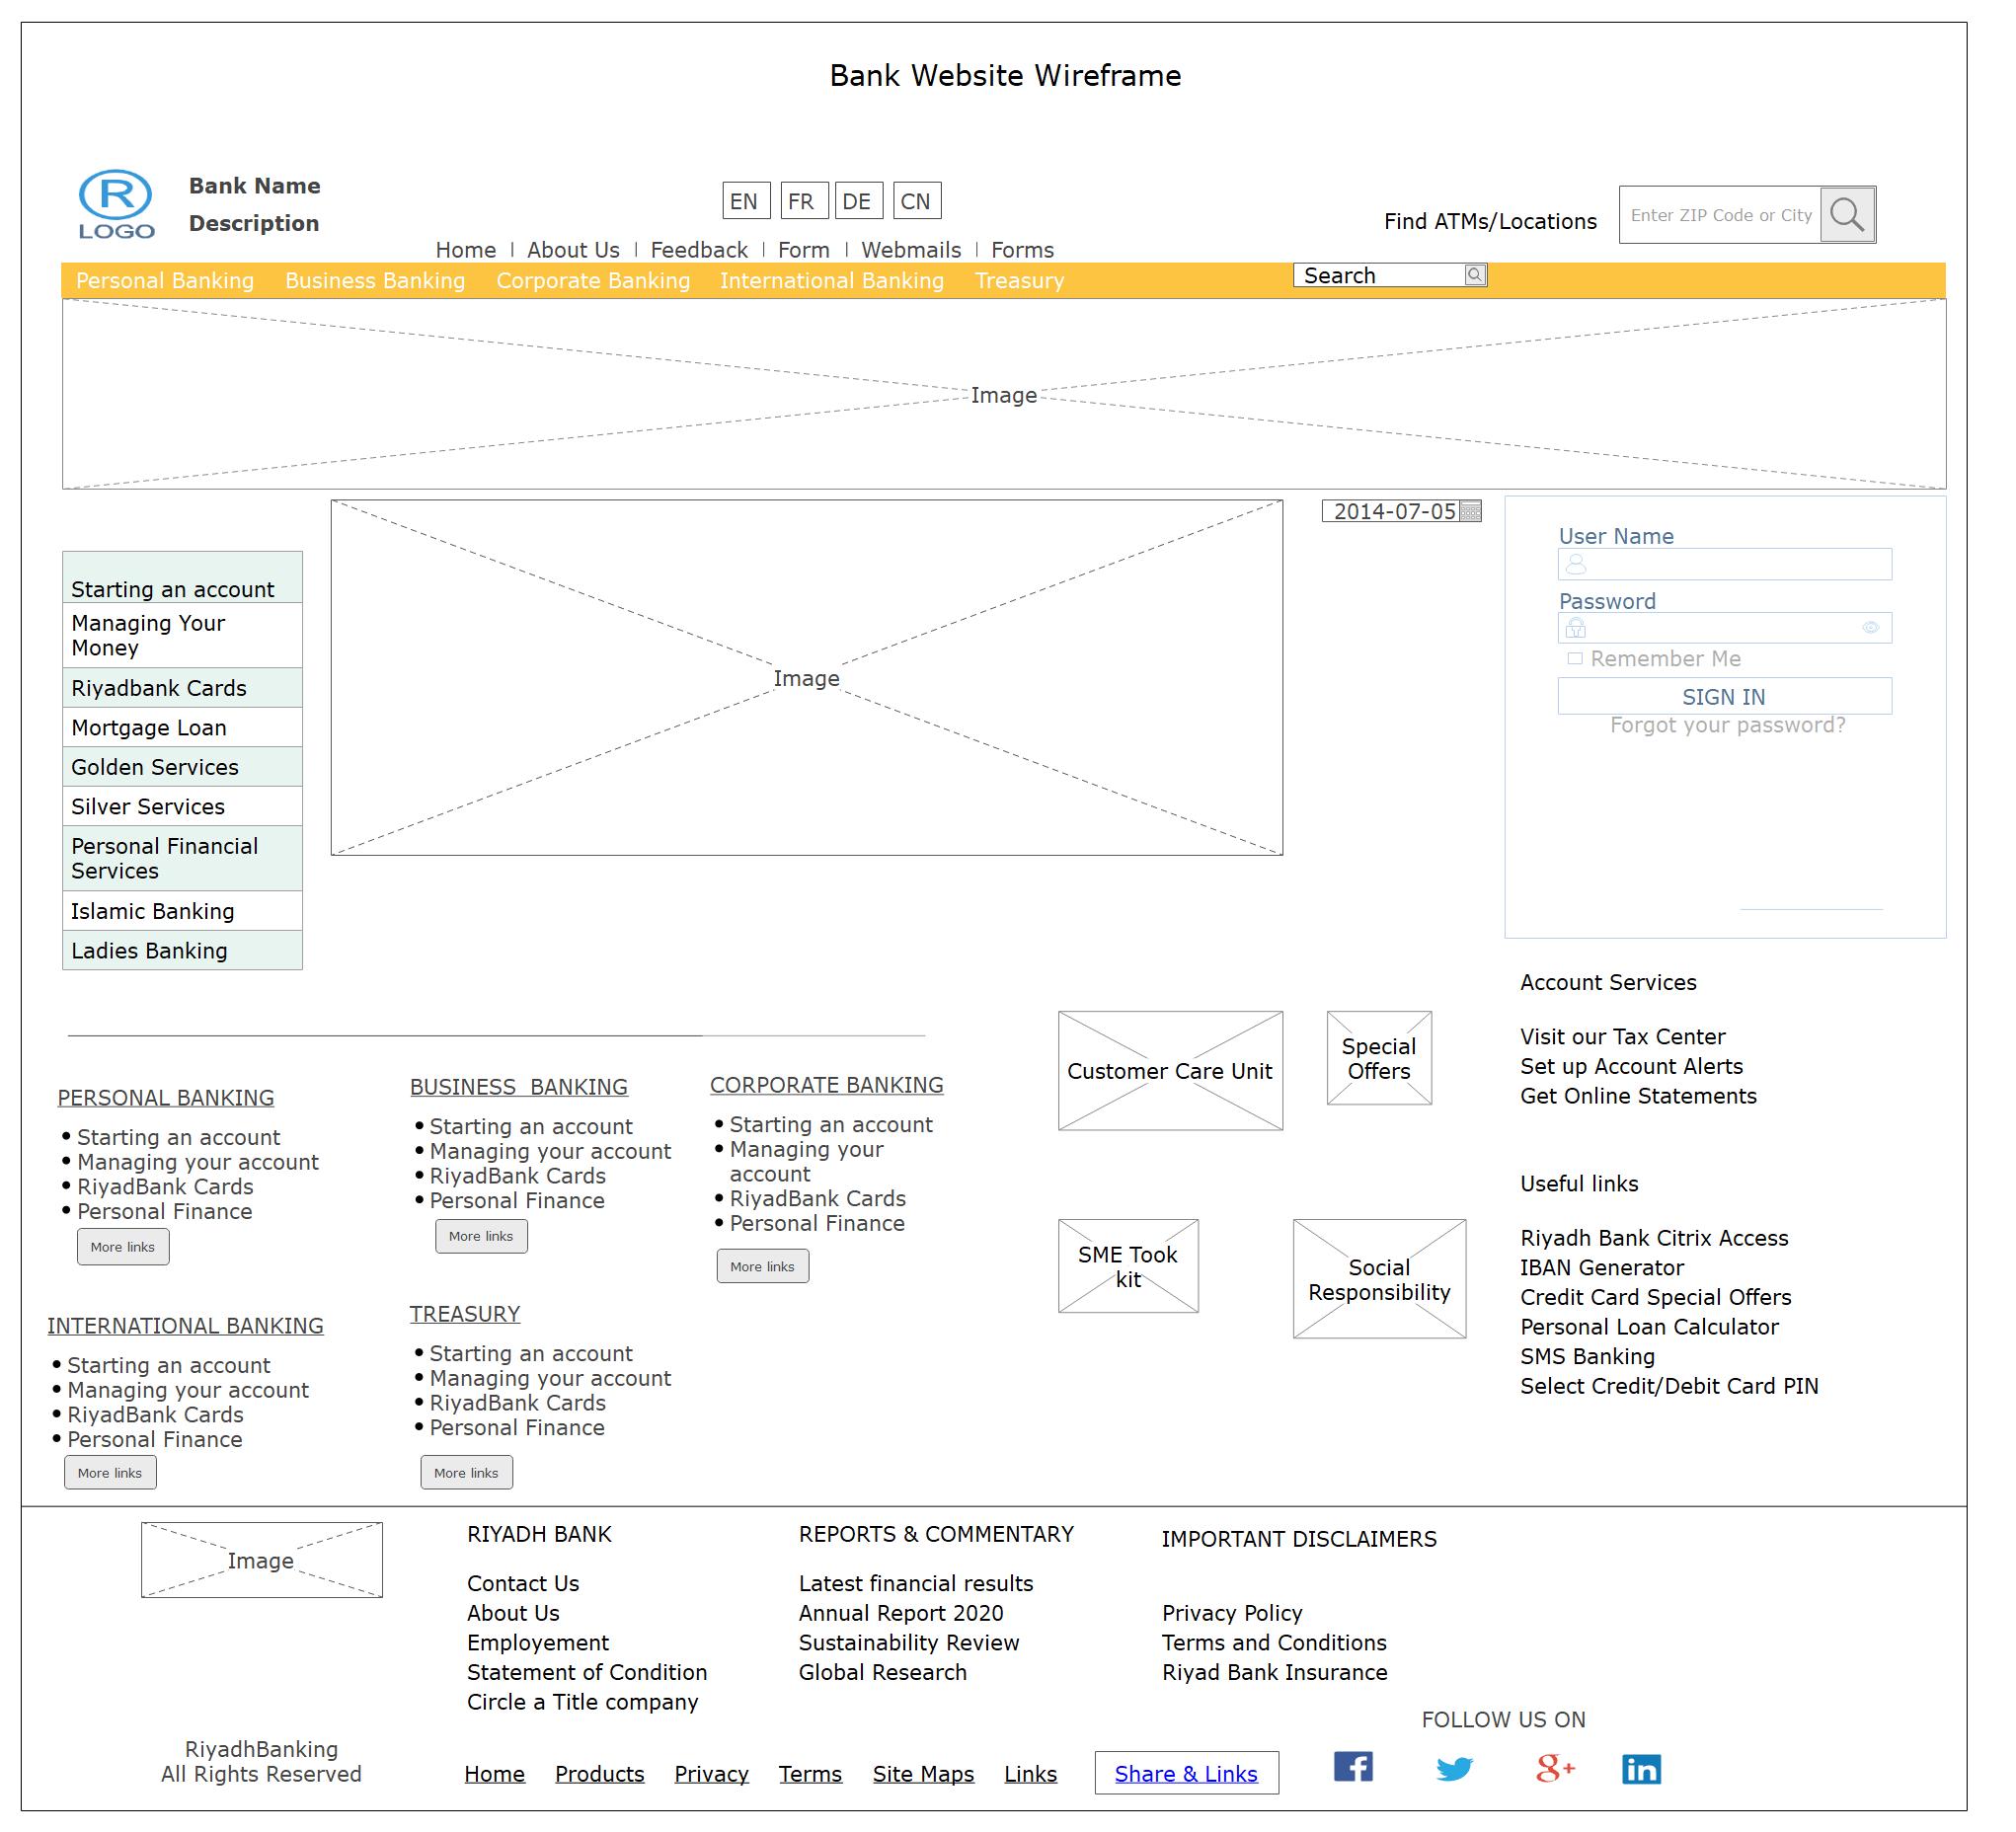 Bank Website Wireframe